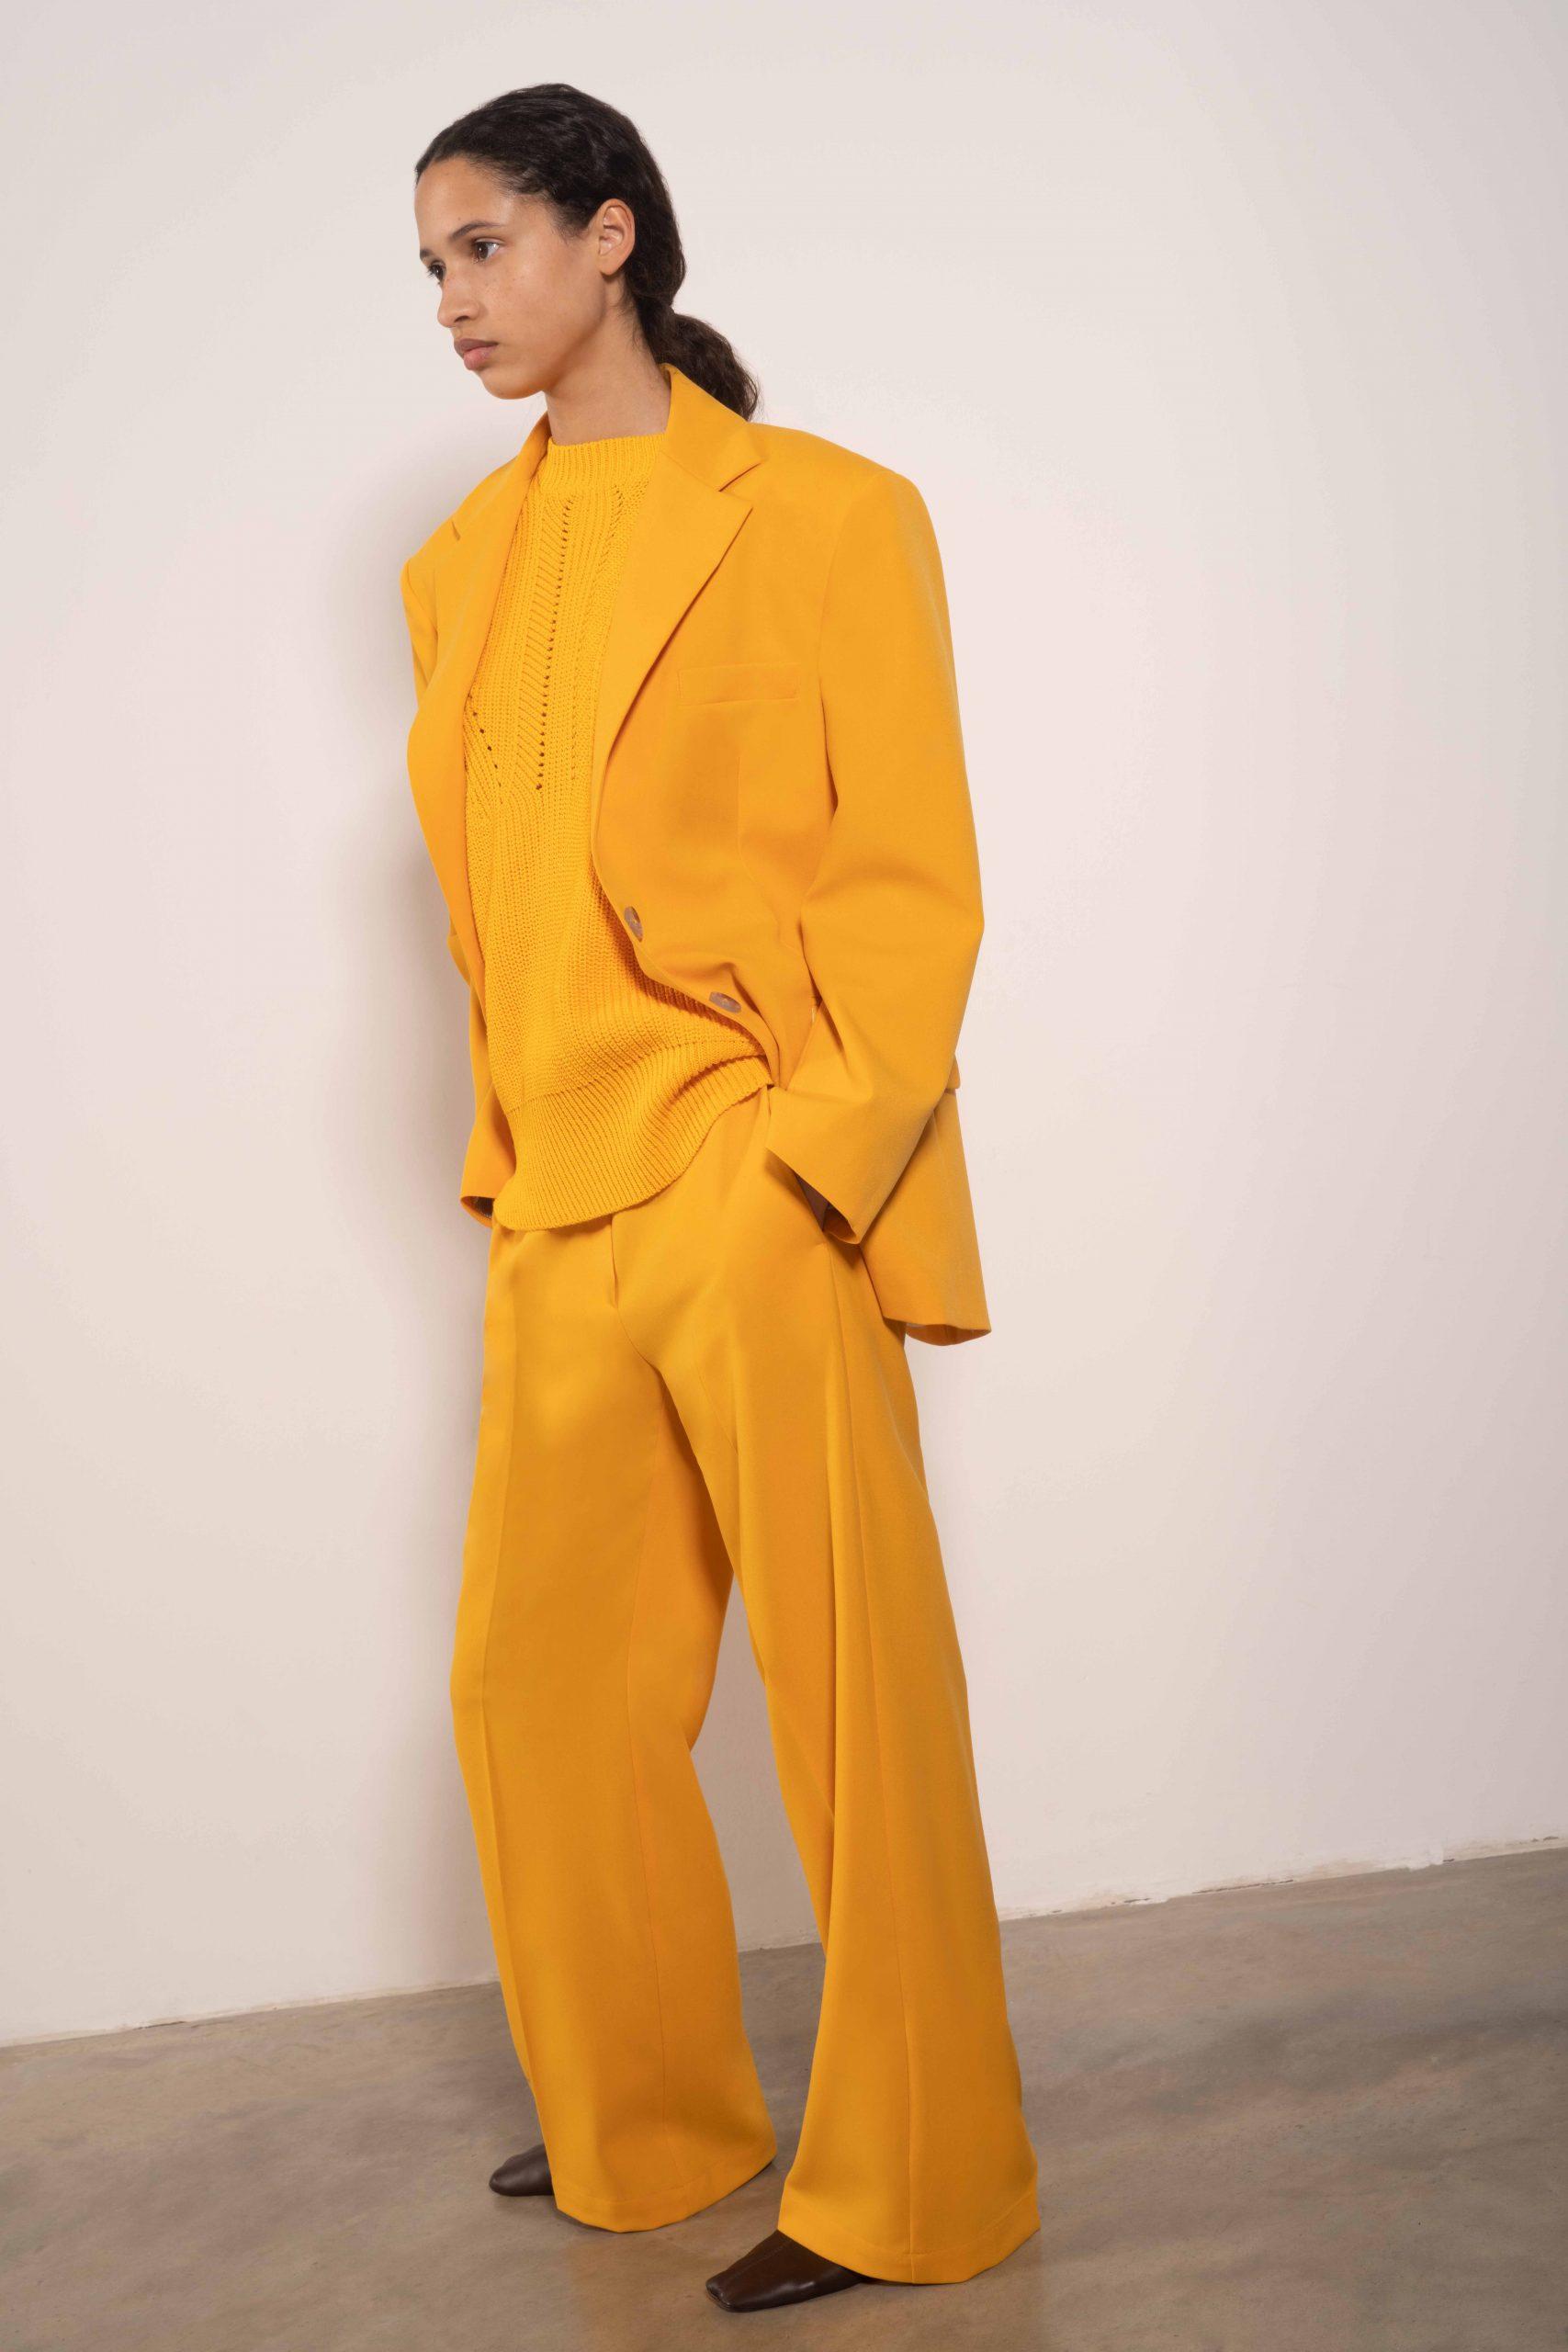 Erika Cavallini Spring 2022 Fashion Show Photos